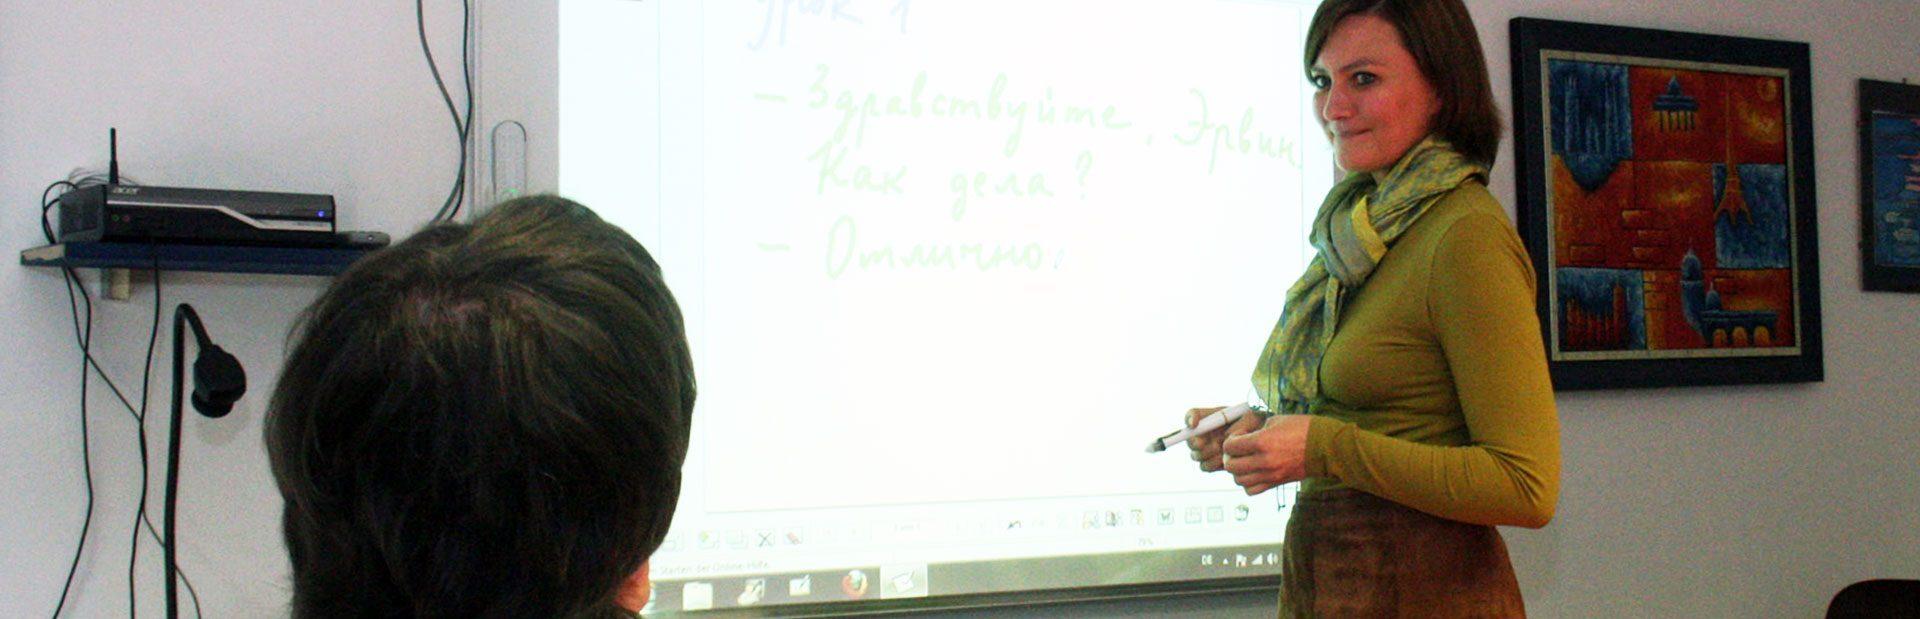 DESK Sprachkurse, Einzelunerricht, Deutschkurse, Englischkurse